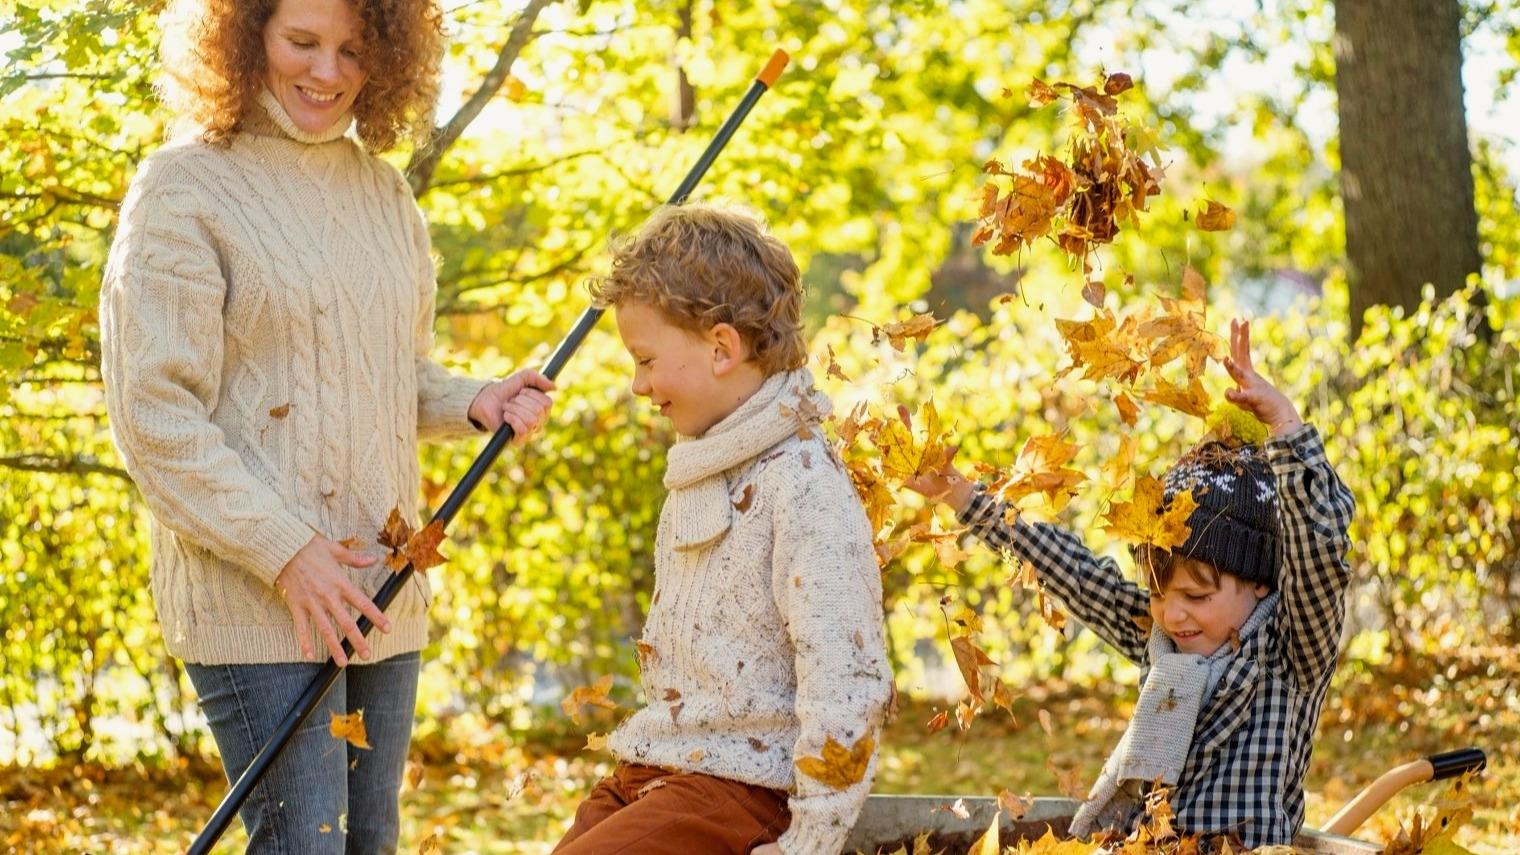 Jak dobře připravit trávník na zimu: Hrabání listí je obvyklou listopadovou kratochvílí